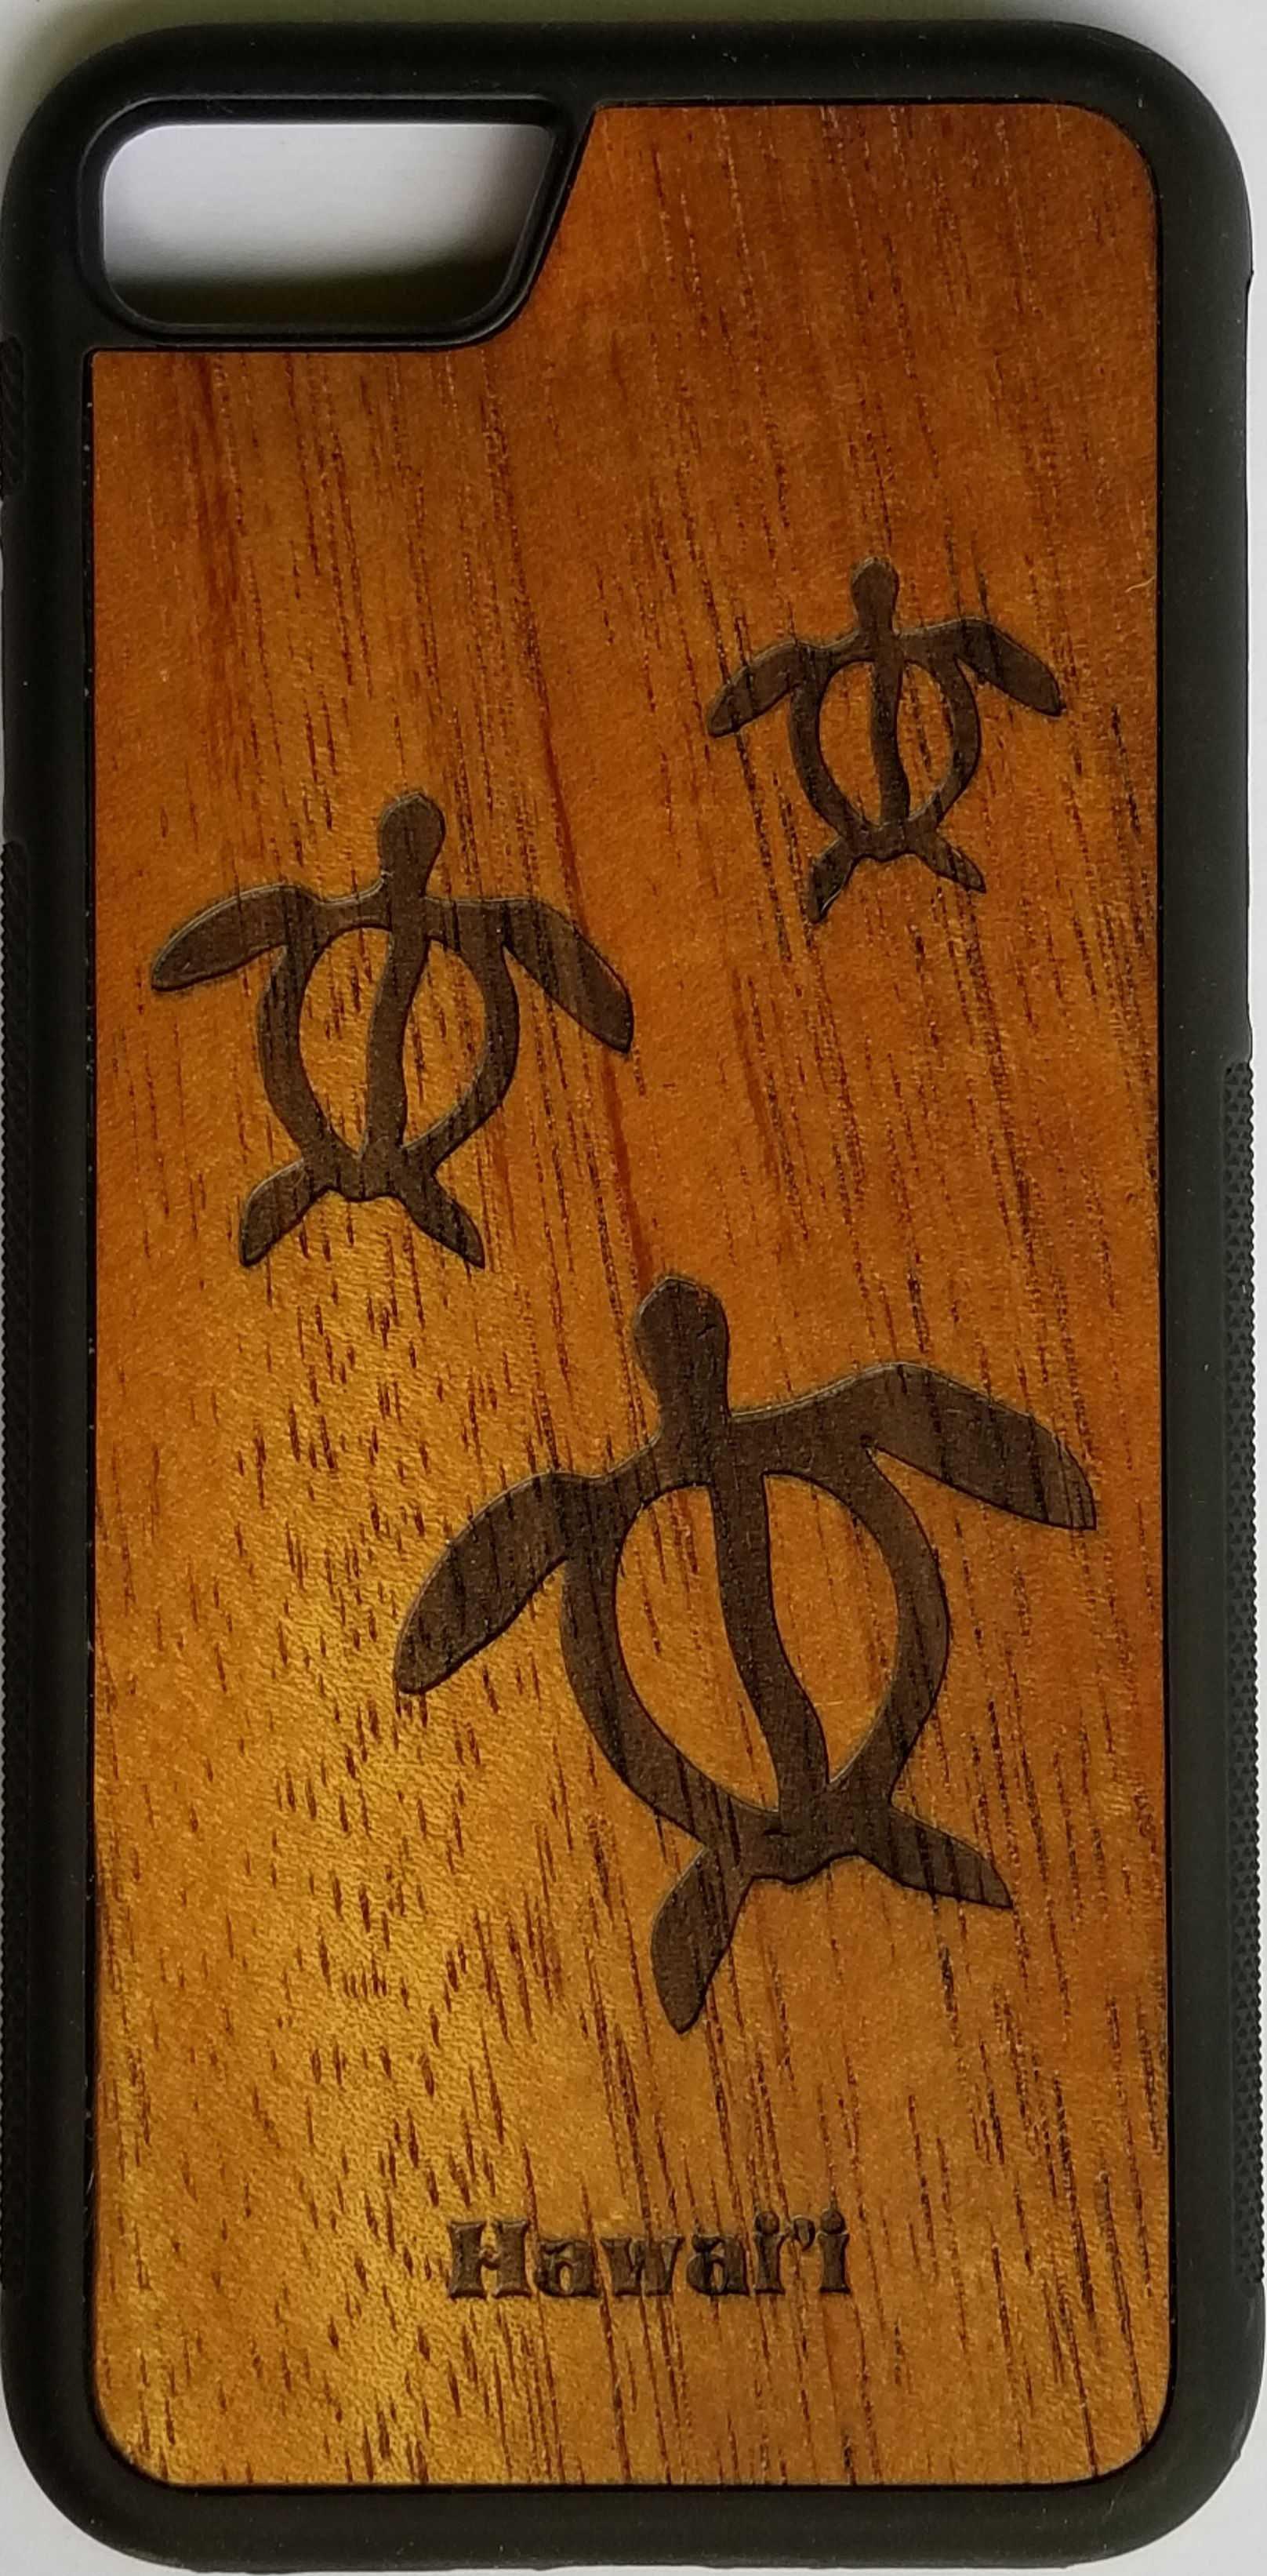 online retailer de828 041f0 Honu (sea turtle) glyph Koa wood phone case